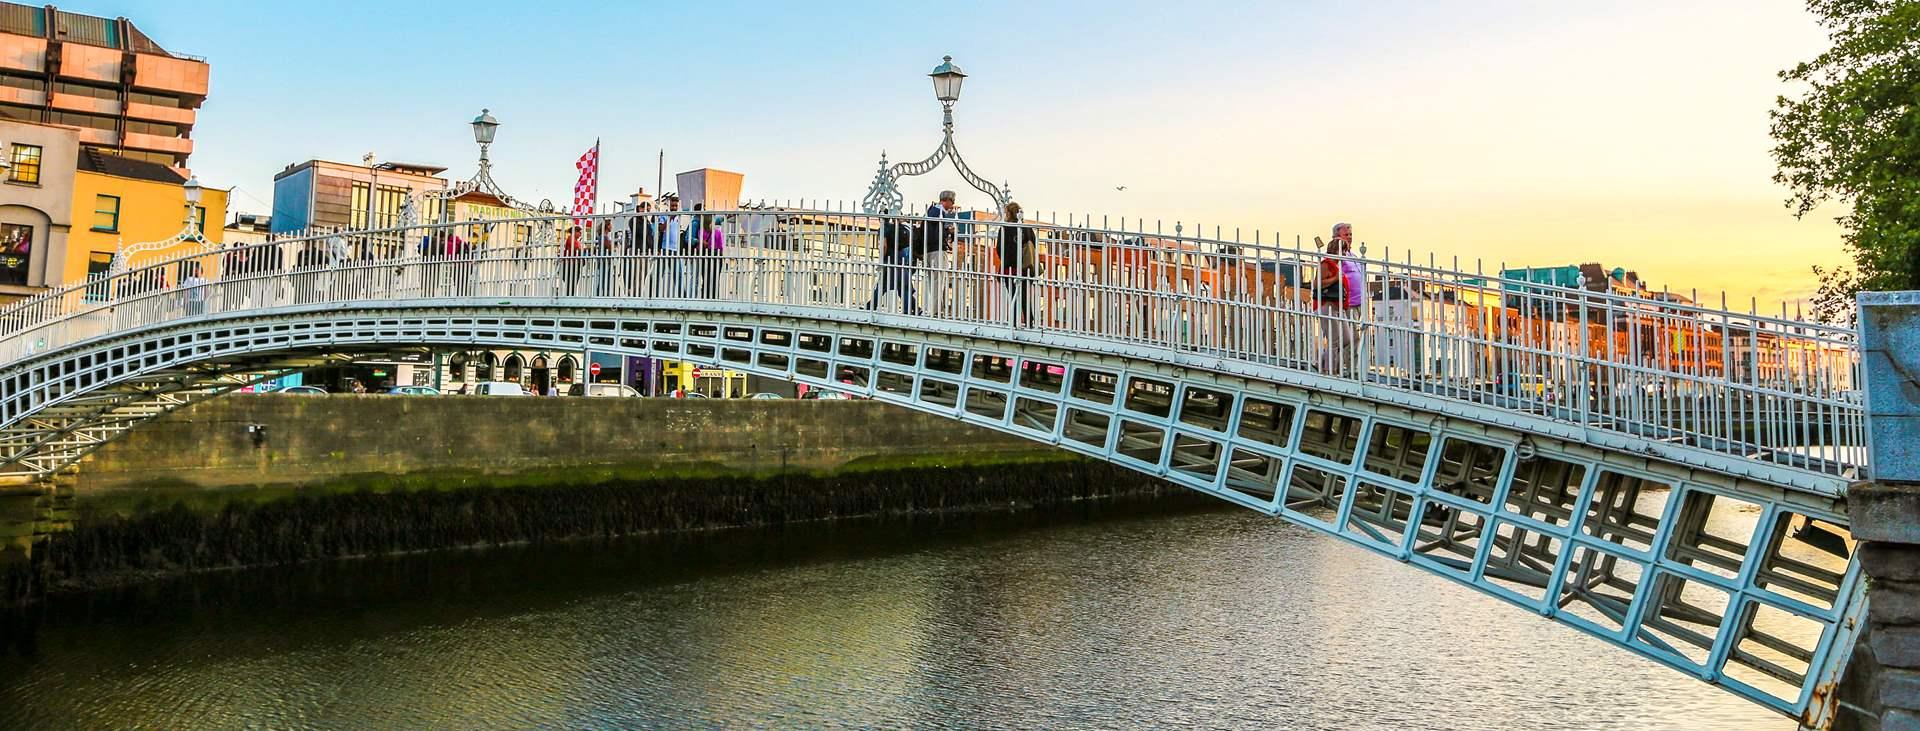 Boka en resa till Dublin med Ving